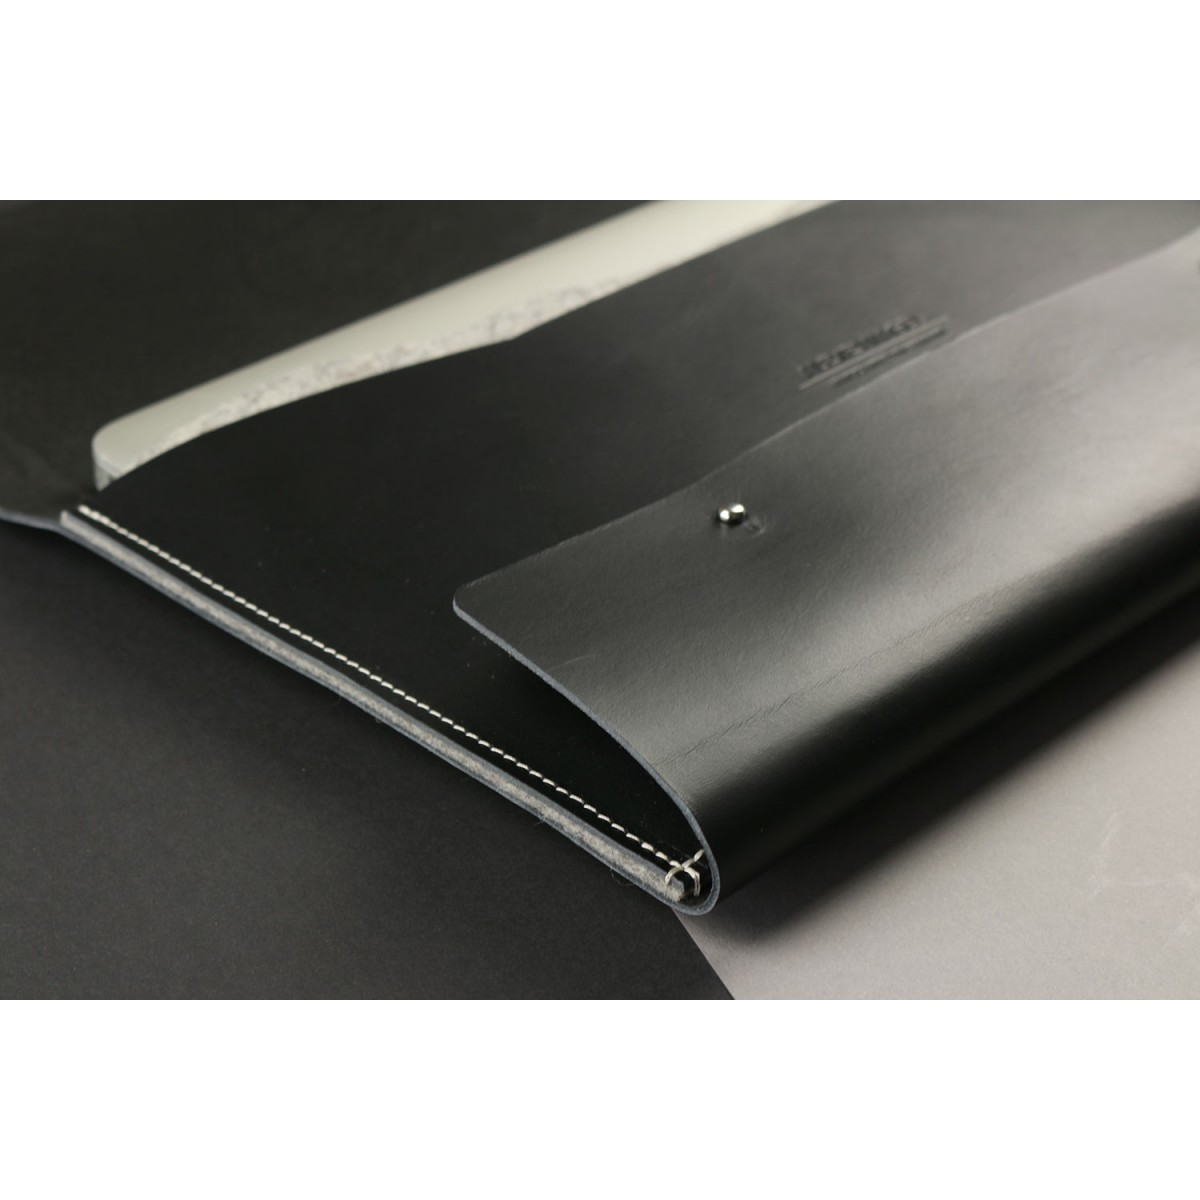 """Alexej Nagel Elegante MacBook 12""""/11"""" Hülle aus Premiumleder - schwarz [BL]"""